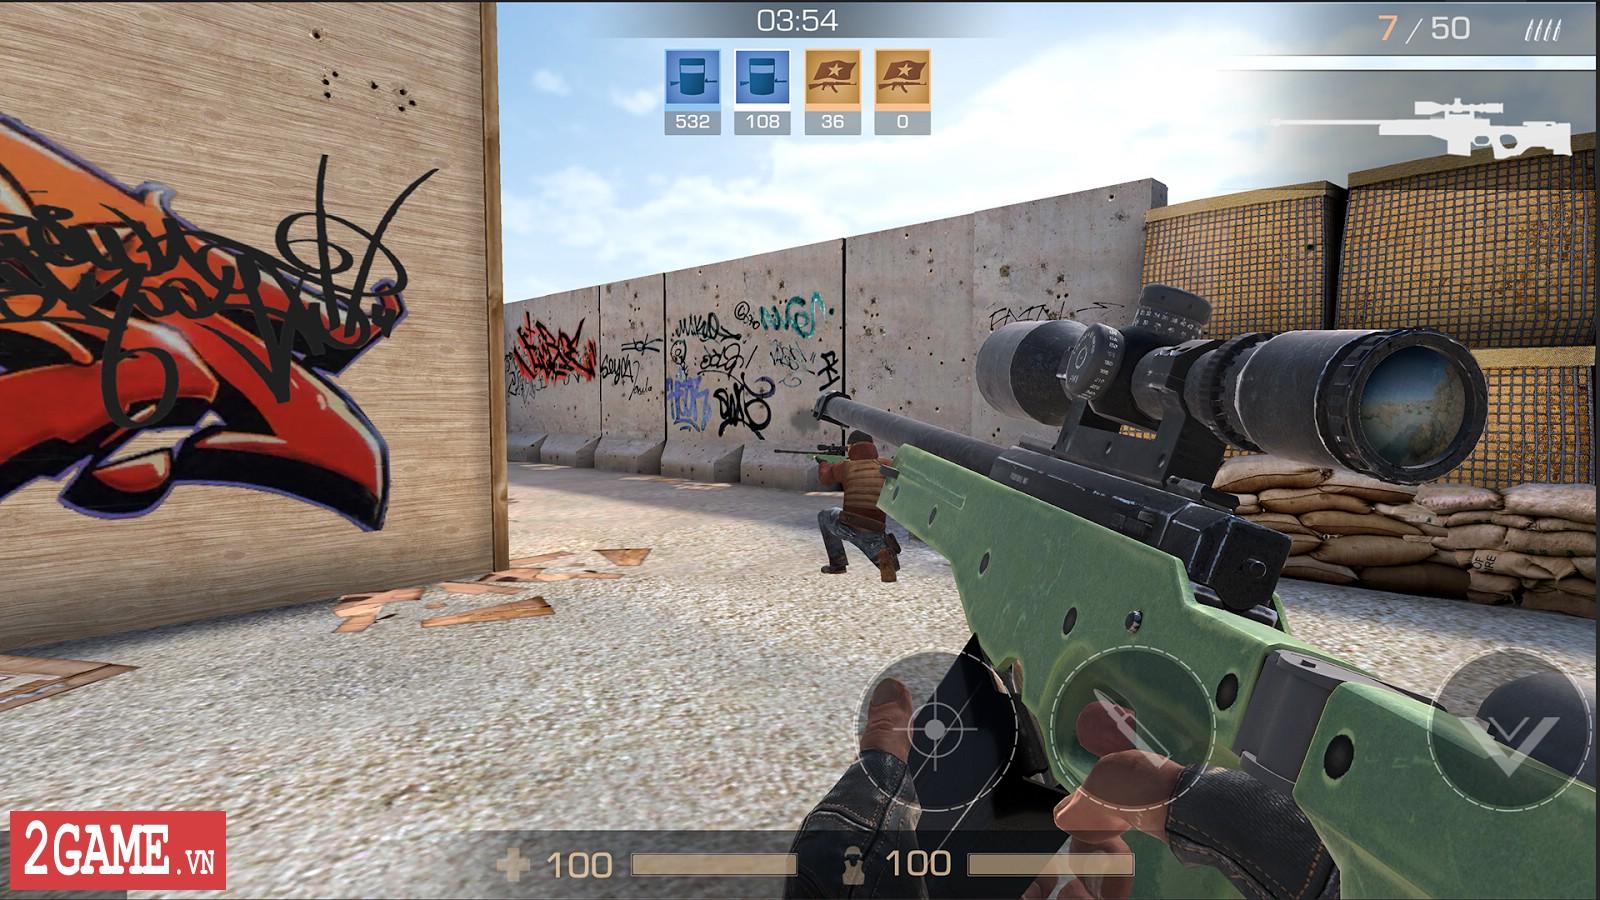 Standoff 2 - Game mobile bắn súng với đồ họa 3D cực kỳ chân thực 1